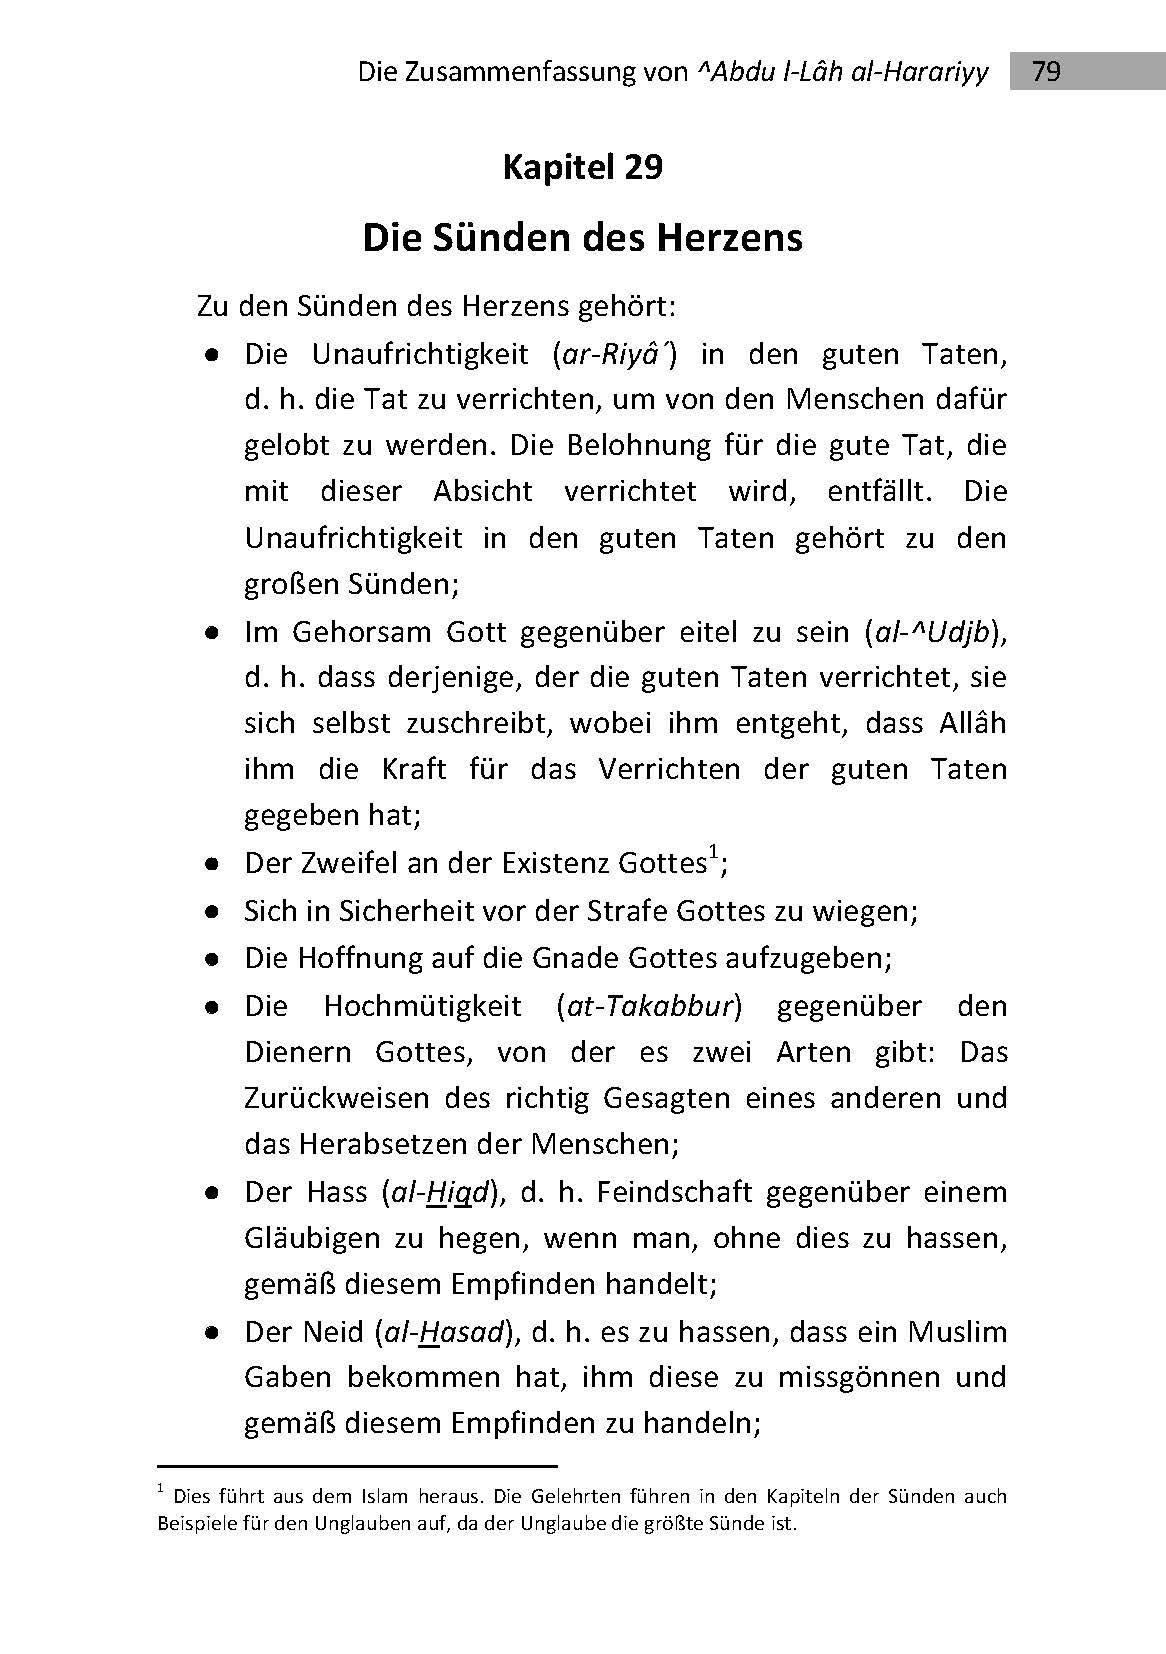 Die Zusammenfassung - 3. Auflage 2014_Seite_79